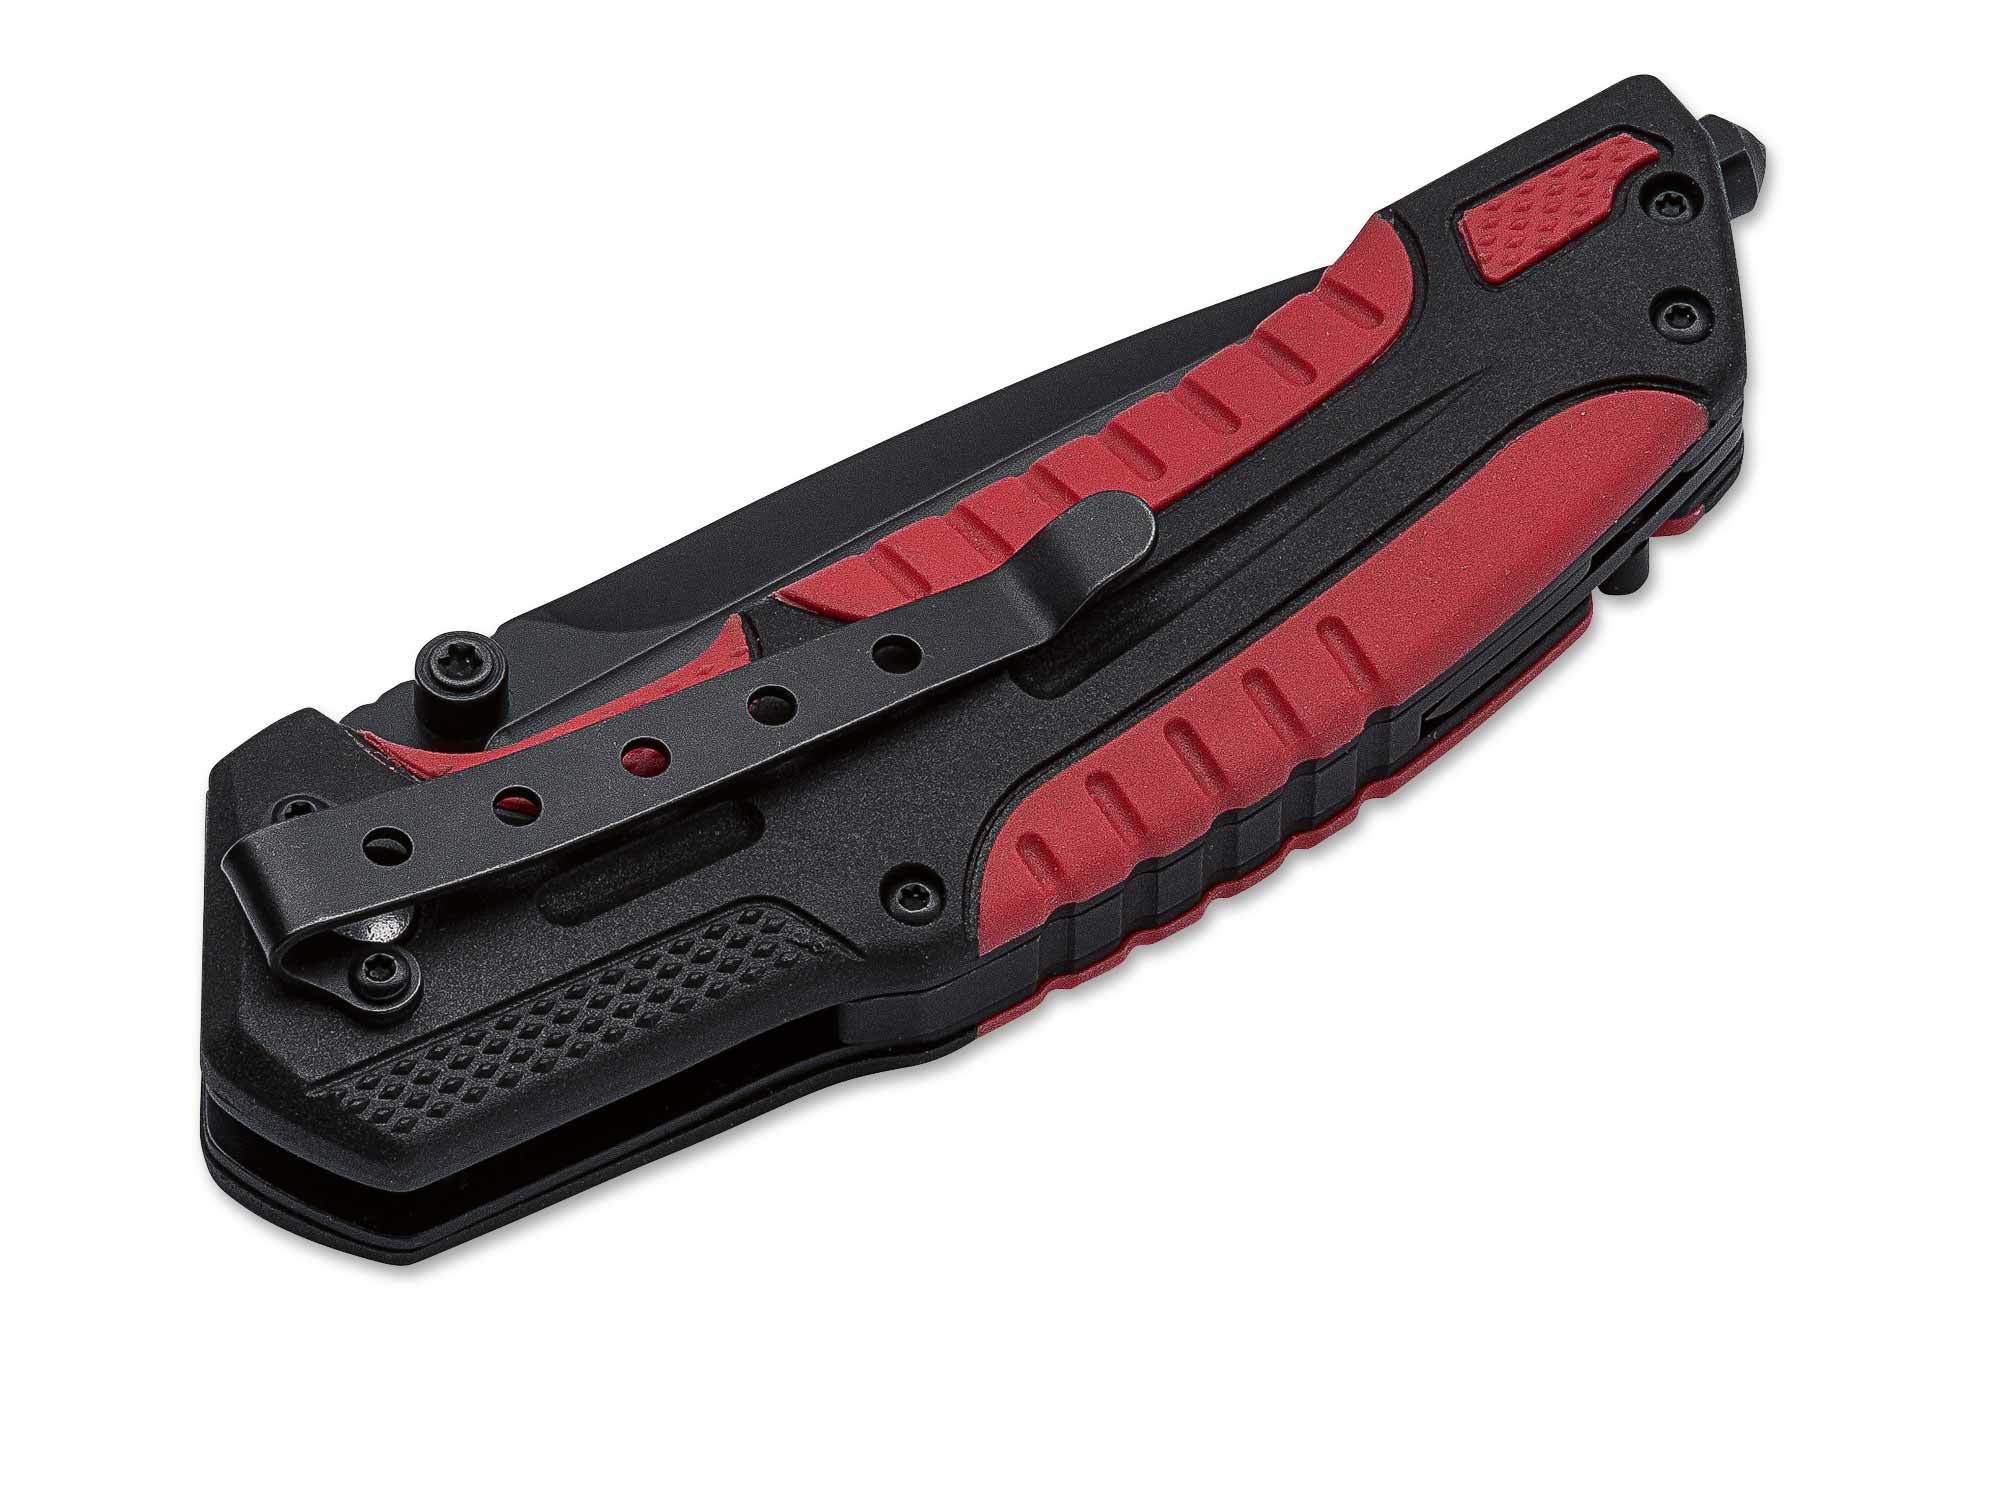 Фото 9 - Нож складной Savior 1 - Boker Plus 01BO320, сталь Sandvik™ 12С27 EDP, рукоять термопластик FRP, чёрно-красный